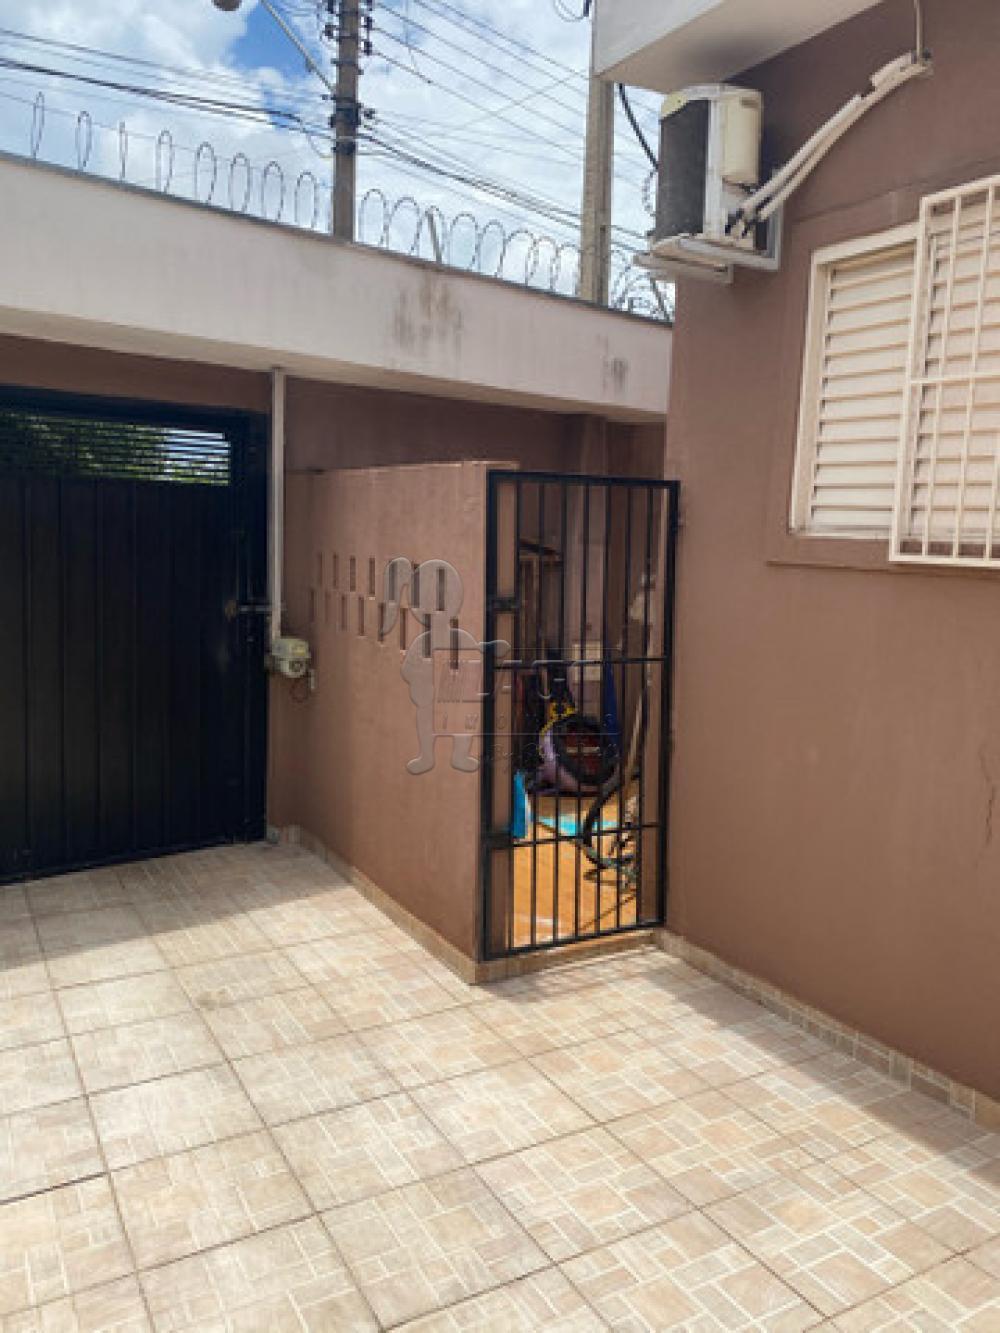 Comprar Casas / Padrão em Ribeirão Preto apenas R$ 415.000,00 - Foto 13